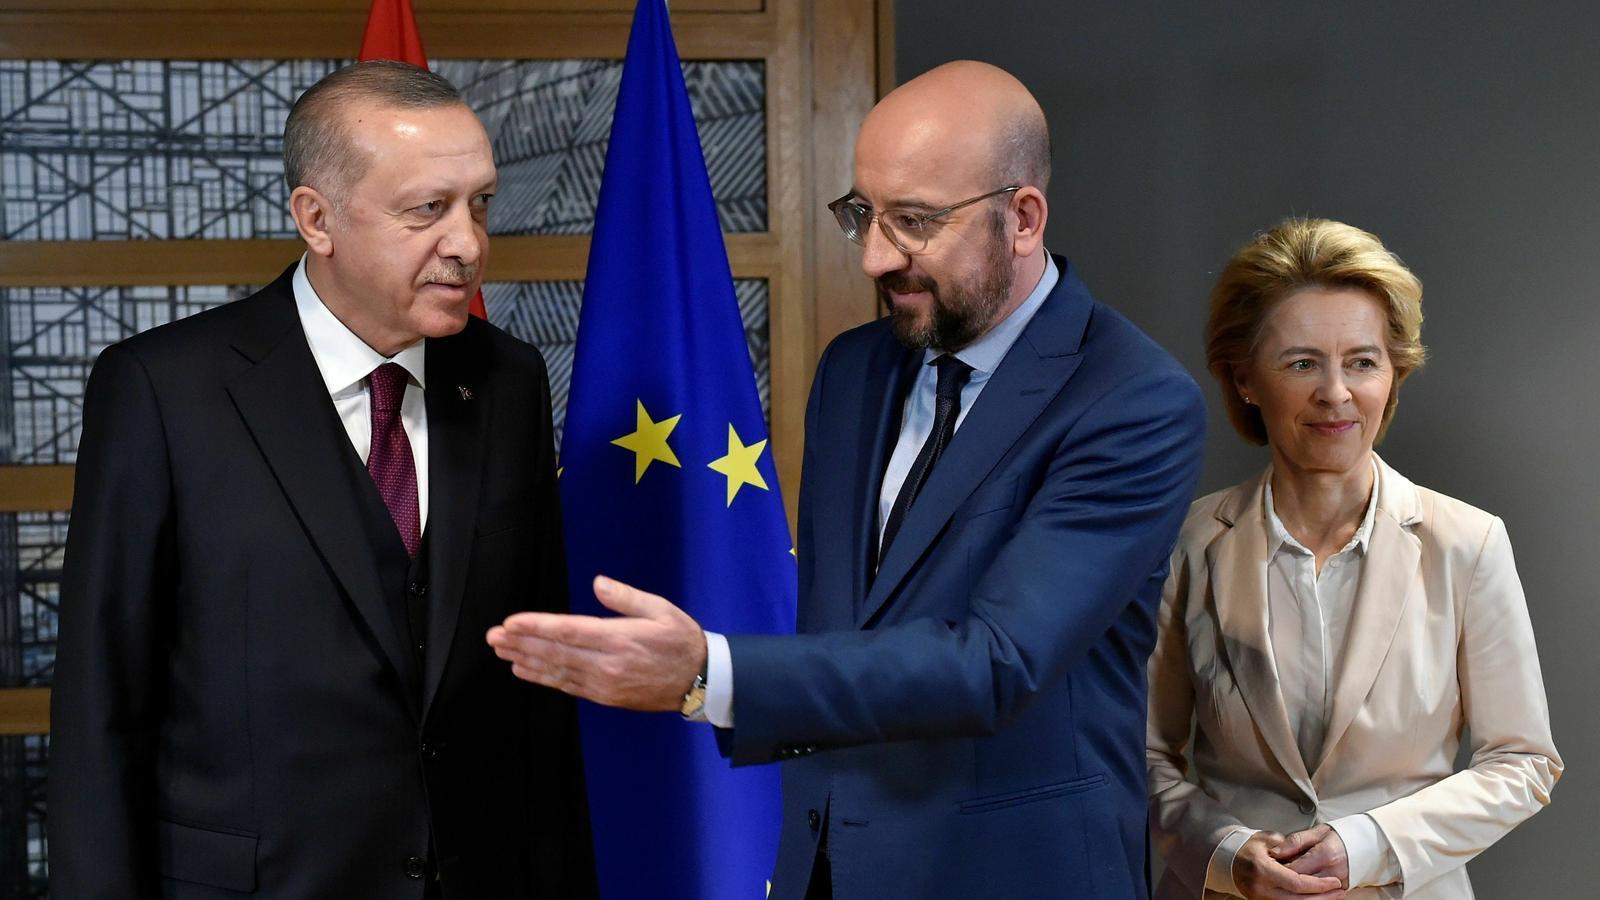 Els president turc, Recep Tayyip Erdogan, amb el president del Consell Europeu, Charles Michel, i la presidenta de la Comissió Europea, Ursula Von der Leyen.